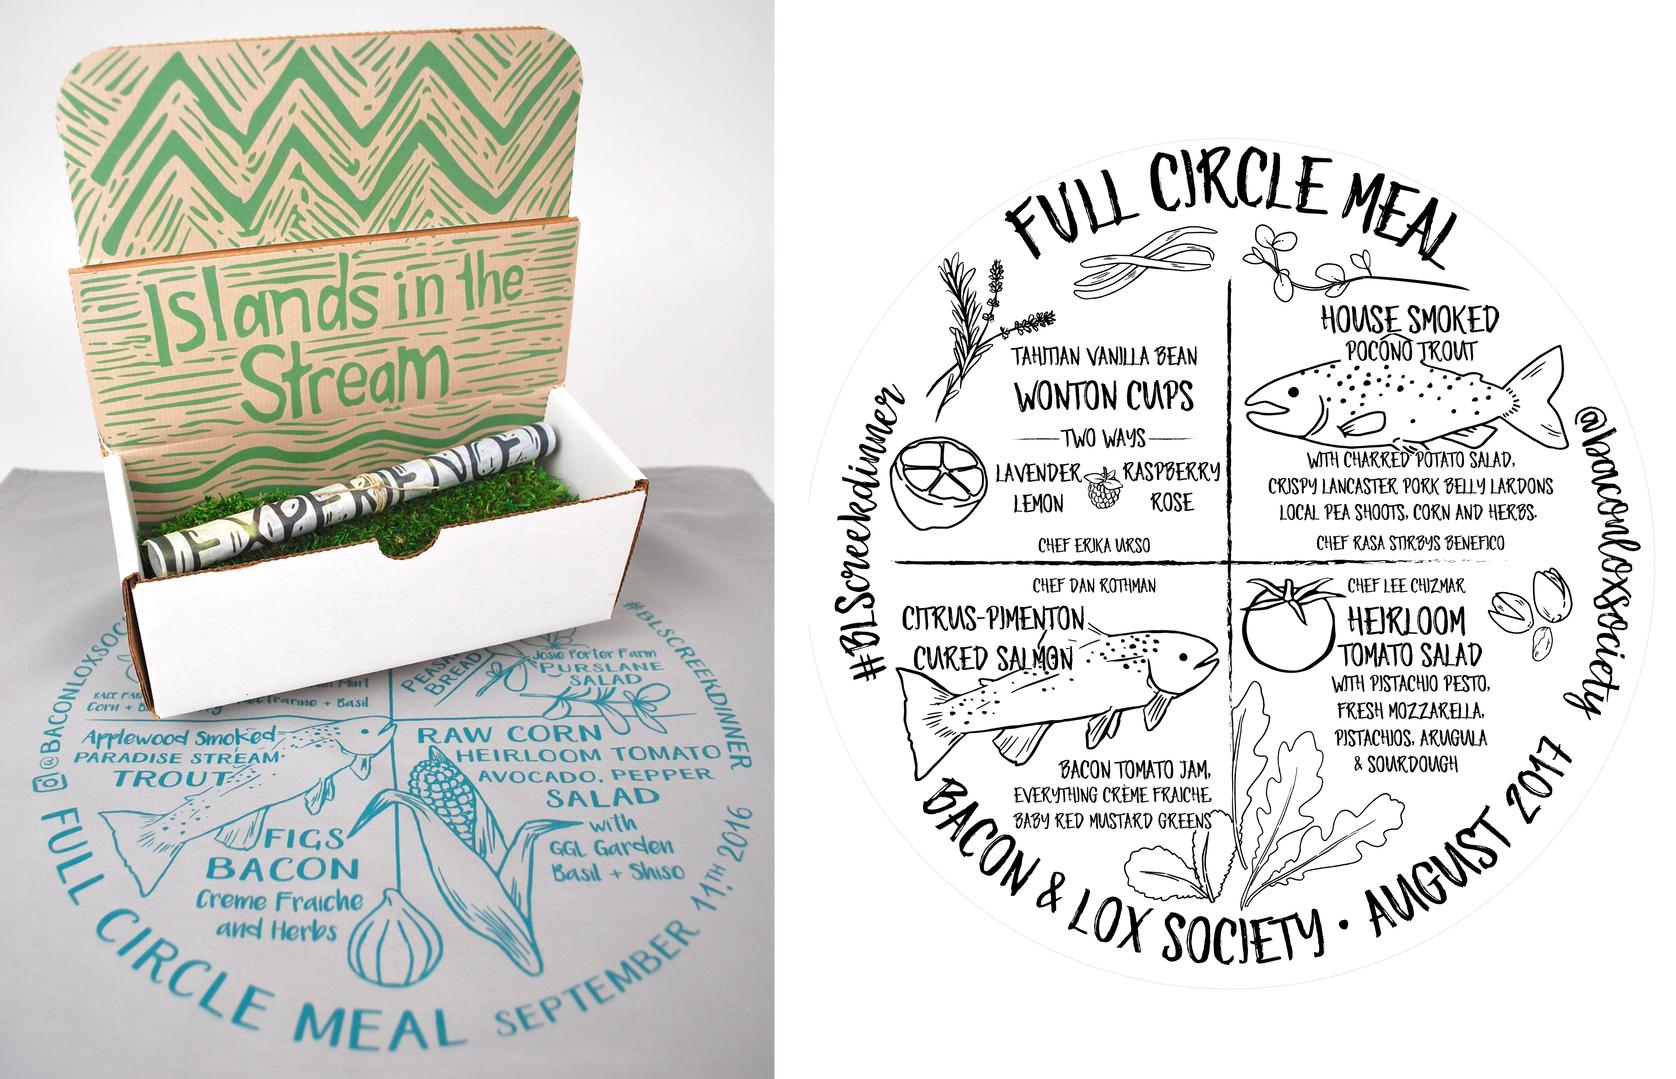 Full Circle Meal Menu